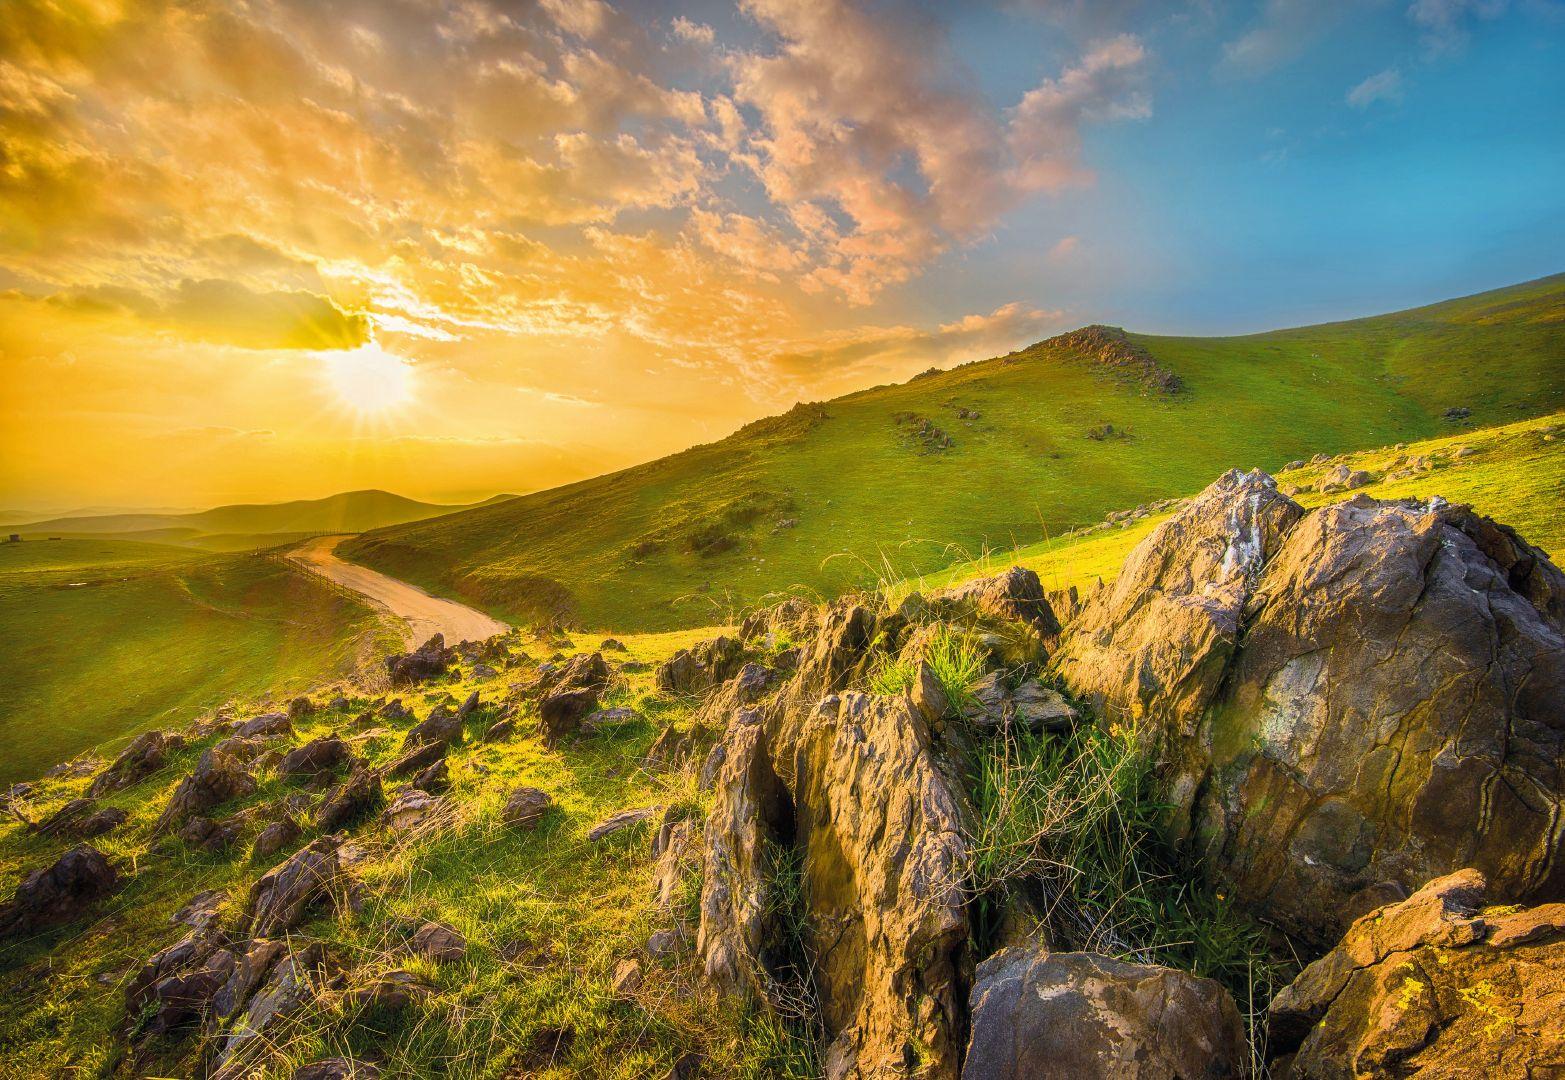 Фотообои Komar Scenics National Geographic Edition 1 R-8-525